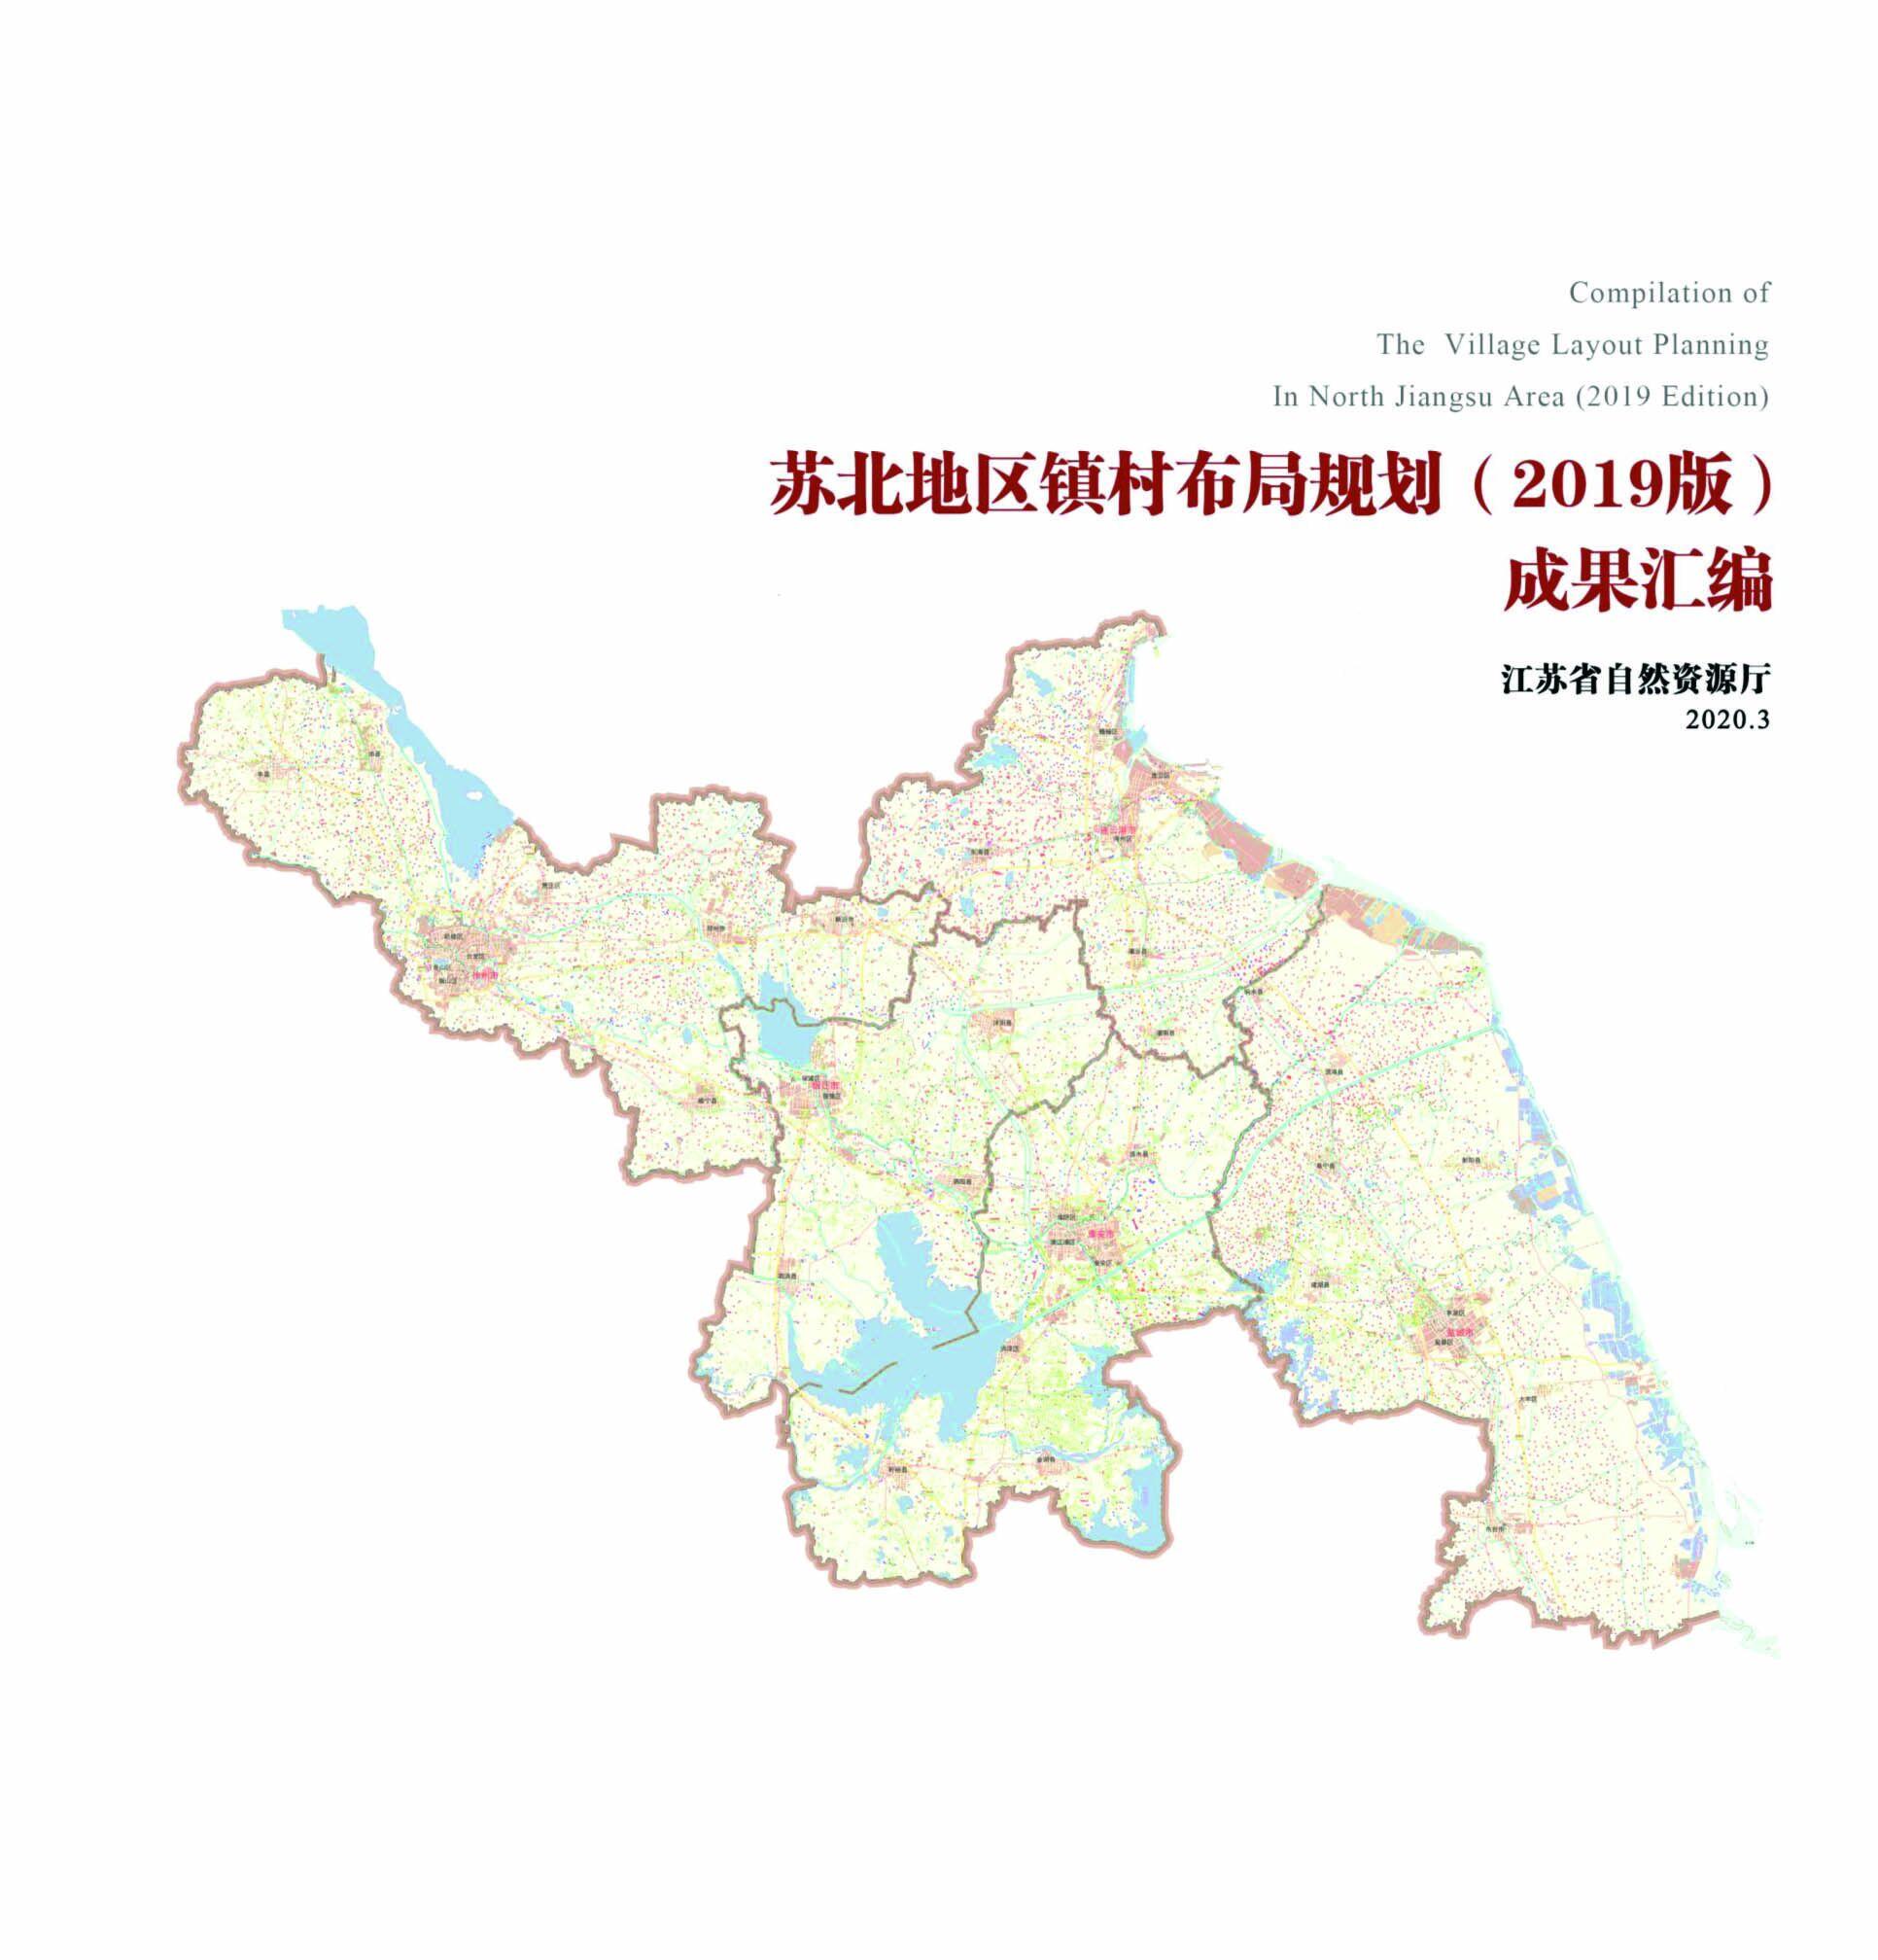 保护乡村特色风貌留住乡愁 江苏优化完善苏北地区镇村布局规划图片